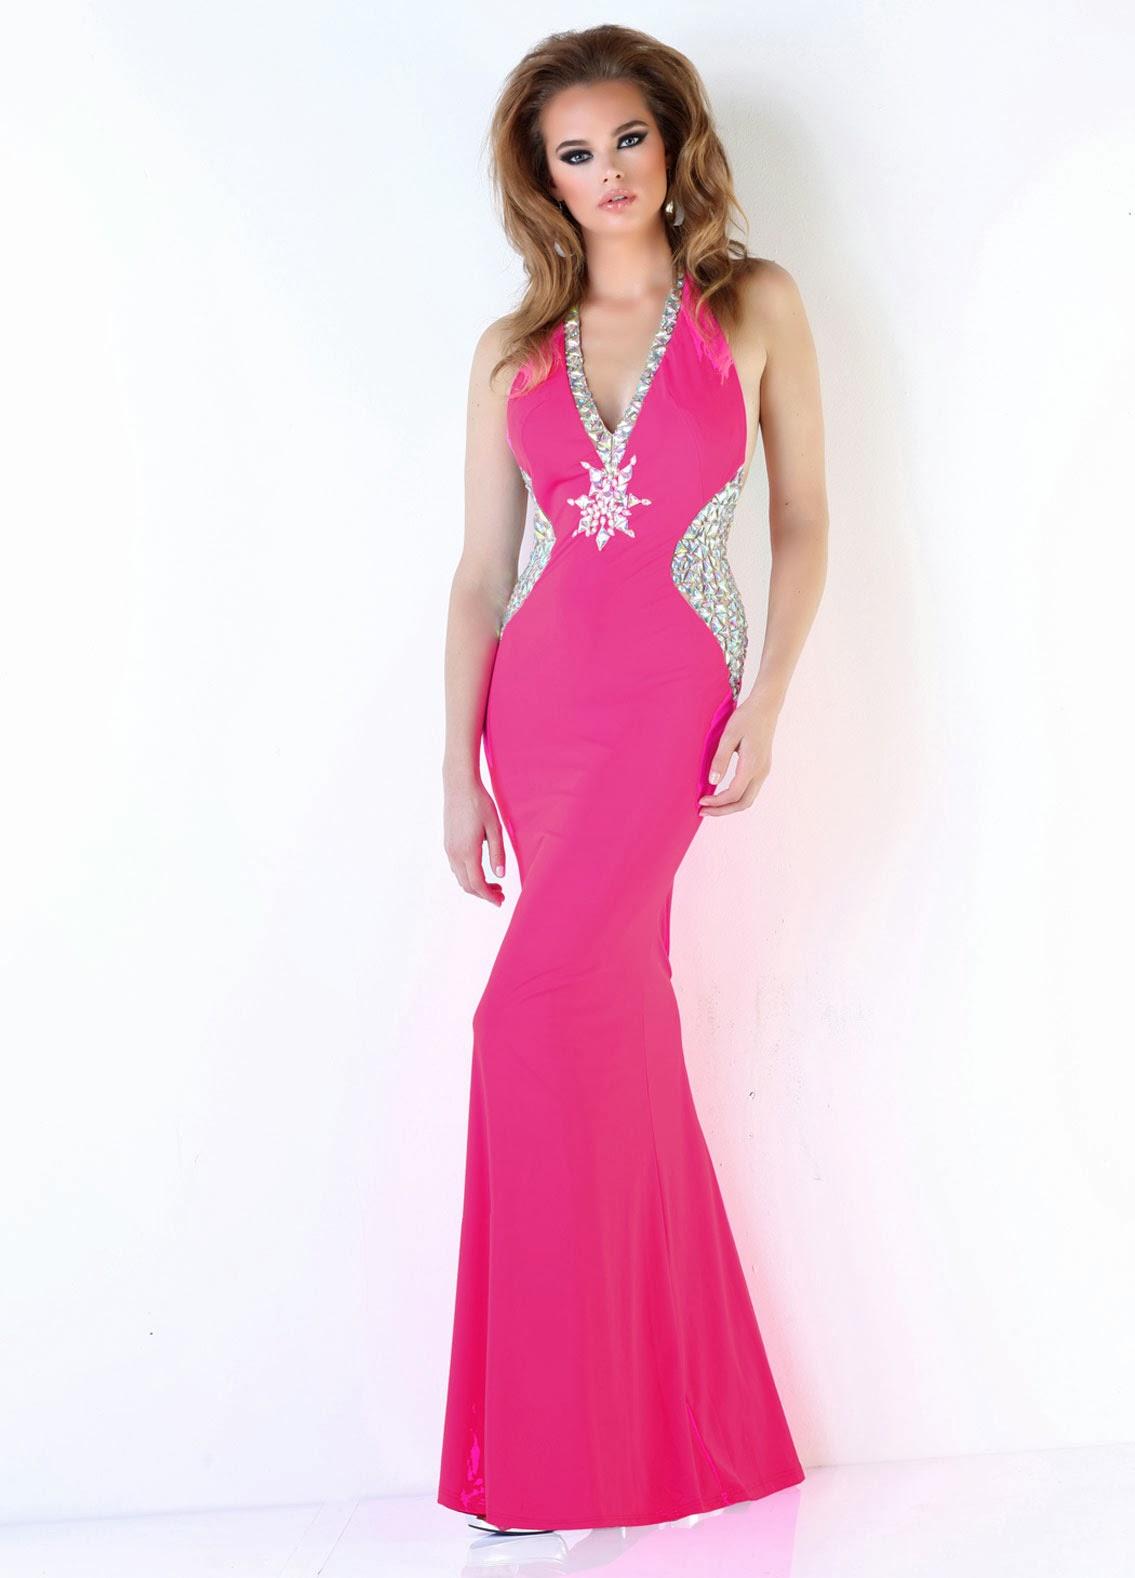 Increíbles vestidos de fiesta Xcite Prom | Colección Xtreme Prom ...